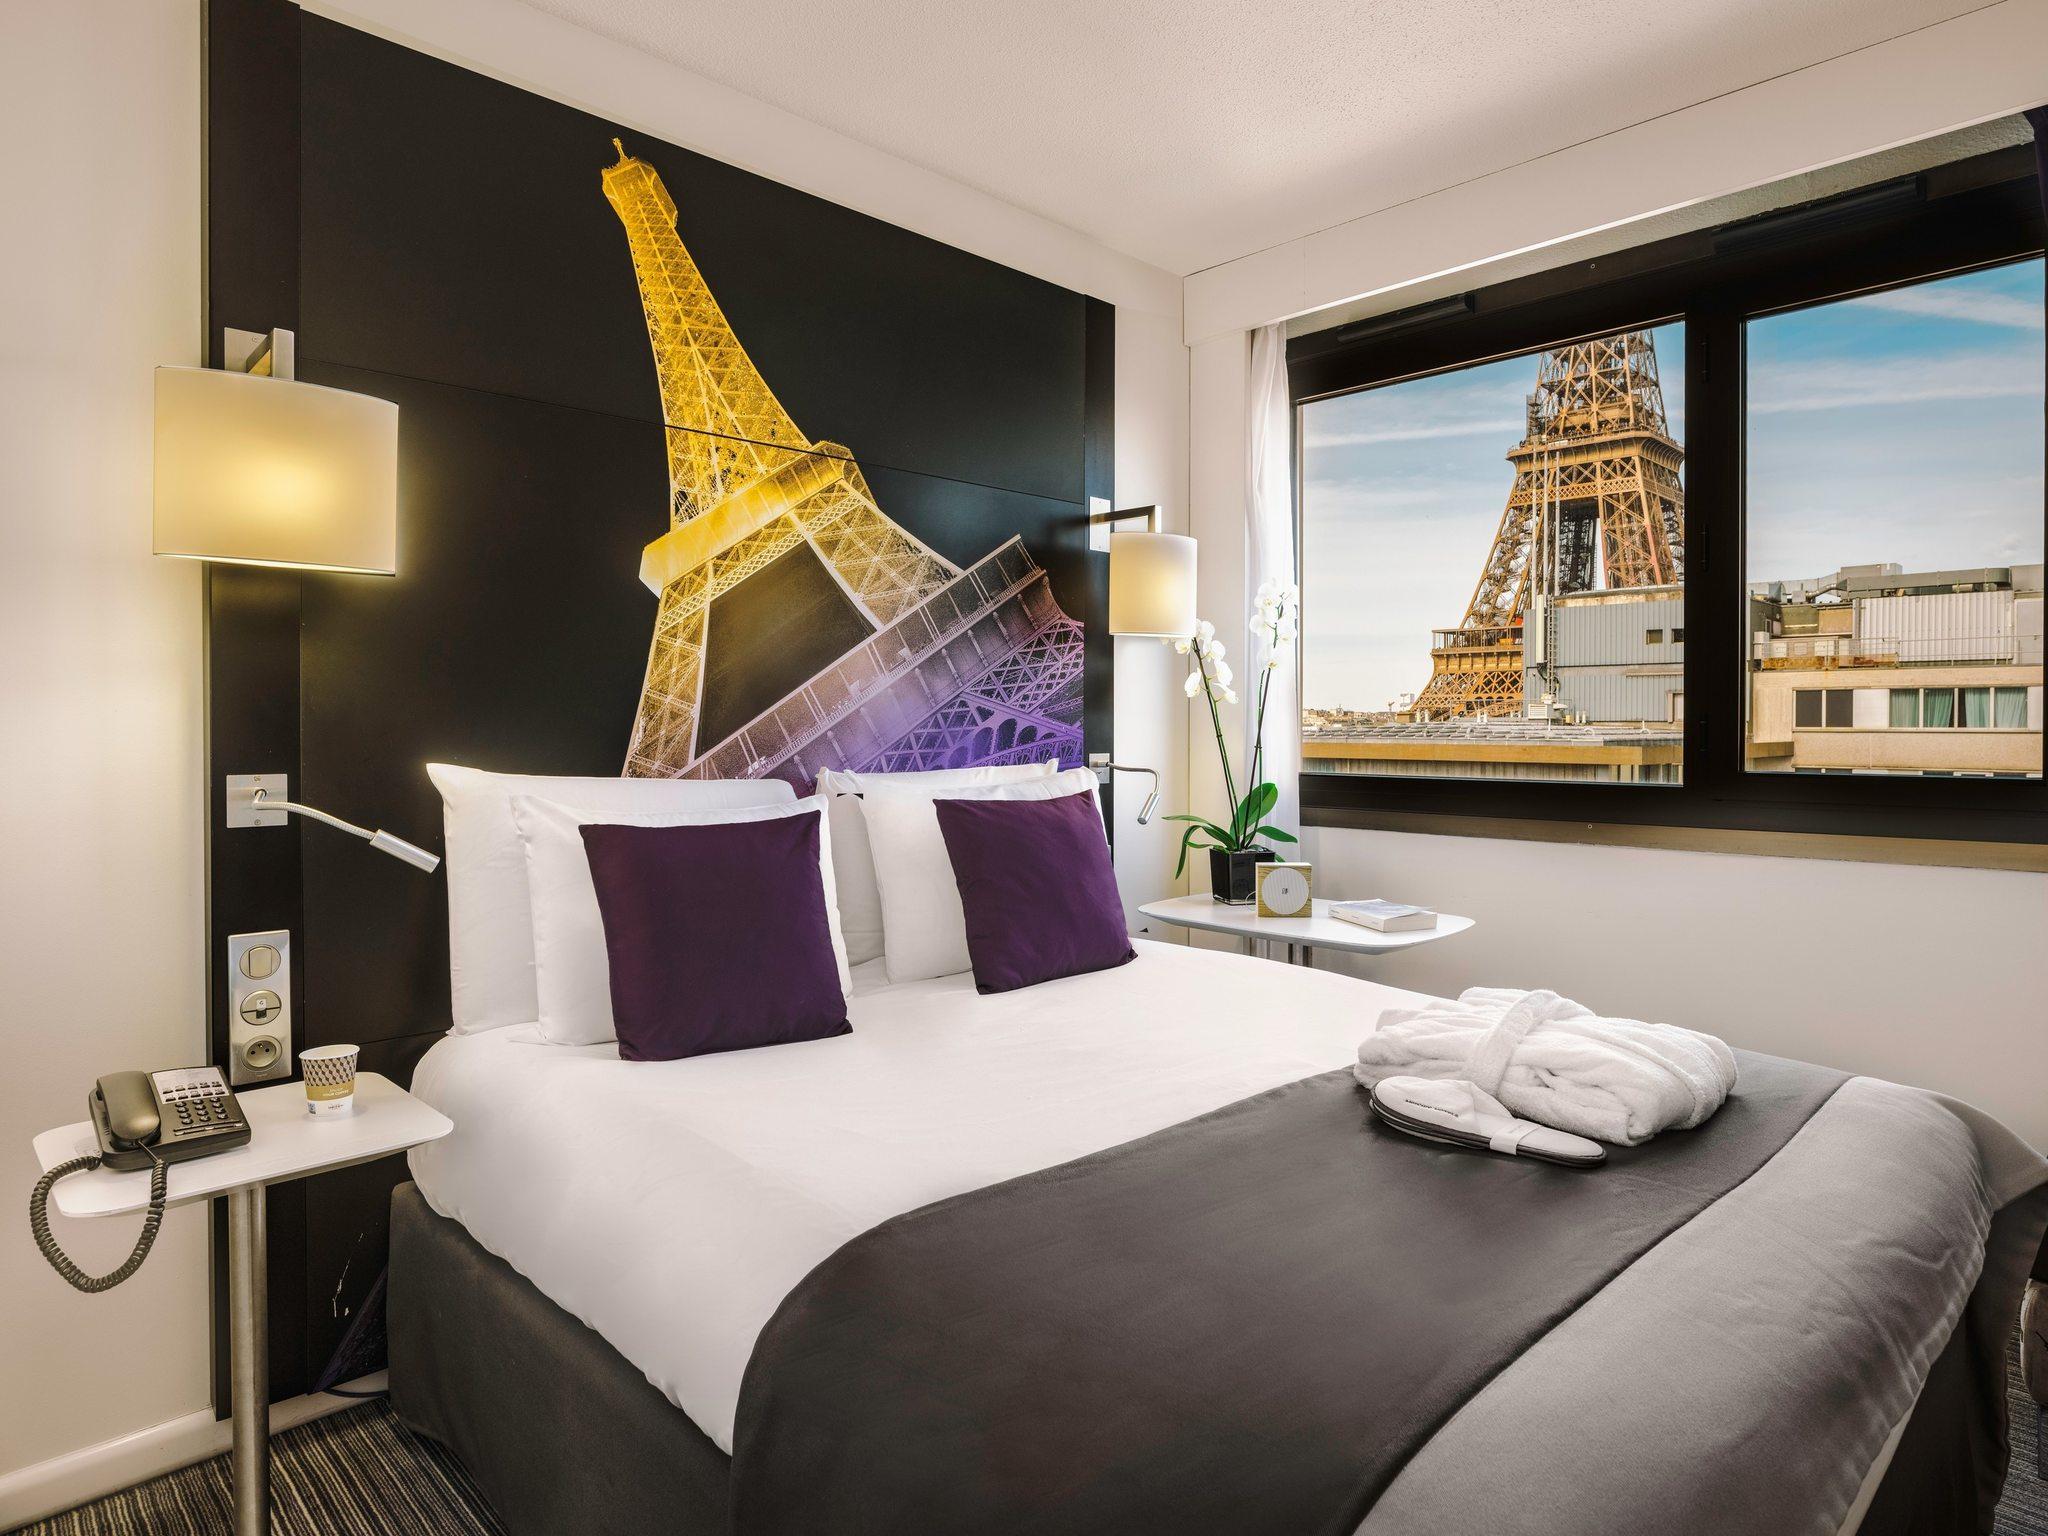 Rooms - Mercure Paris Centre Eiffel Tower Hotel